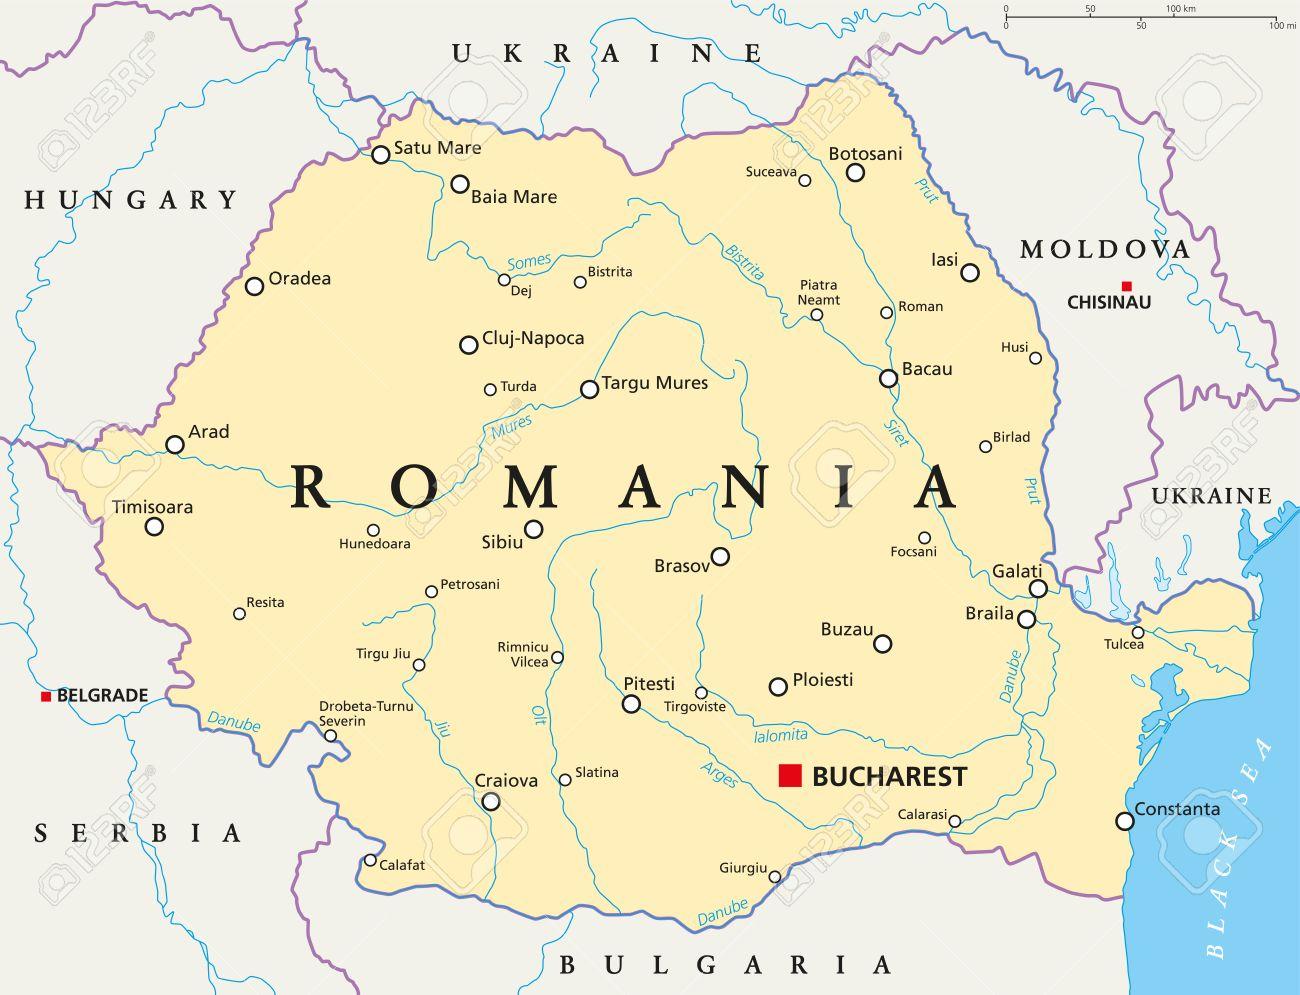 Mapa Politico Con Rumania Bucarest De Capital De Las Fronteras